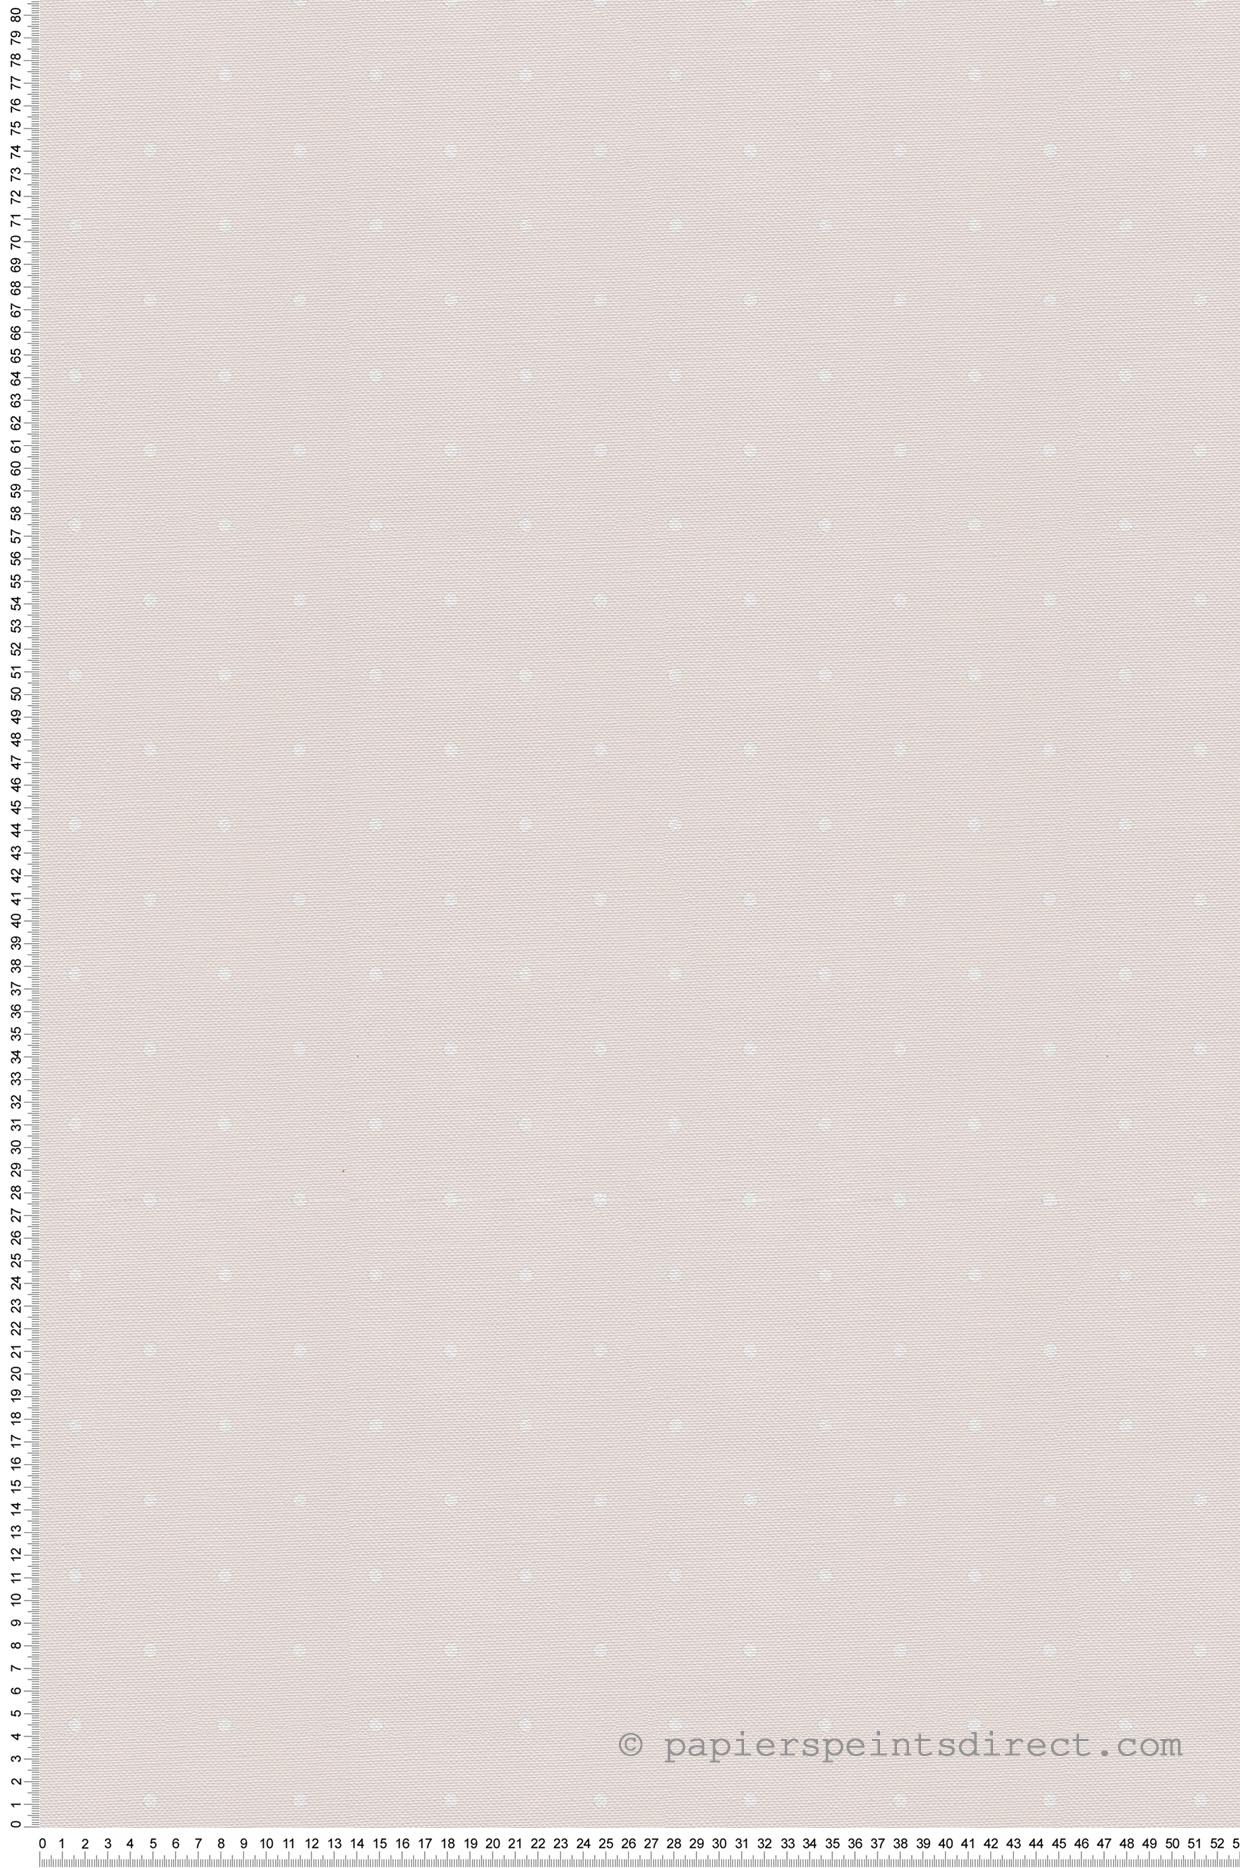 Papier peint enfant Pois grège - Jack N Rose 2 de Montecolino | Réf. MC-LL04020